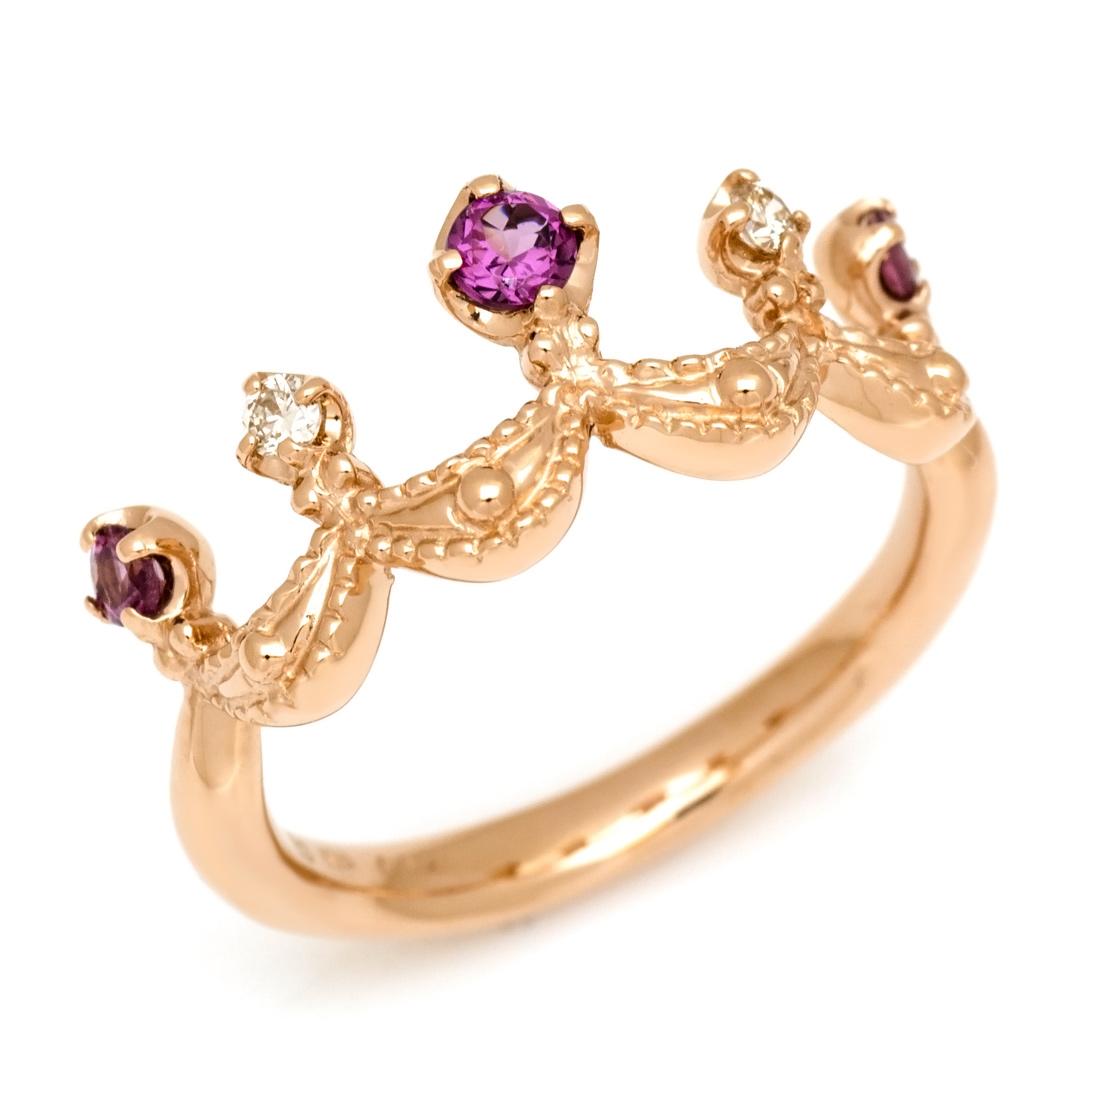 【GWクーポン配布中】K18 ロードライトガーネット ダイヤモンド リング 「regina」送料無料 指輪 ゴールド 18K 18金 ダイアモンド ティアラ クラウン 王冠 誕生日 1月誕生石 刻印 文字入れ メッセージ ギフト 贈り物 ピンキーリング対応可能